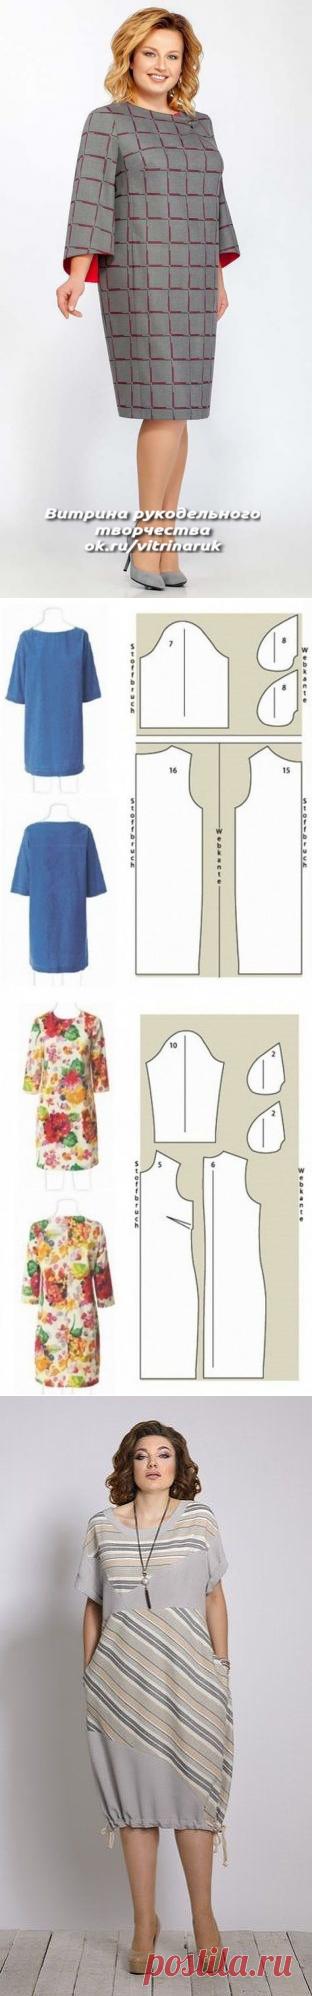 Еще одна подборка для любителей шитья